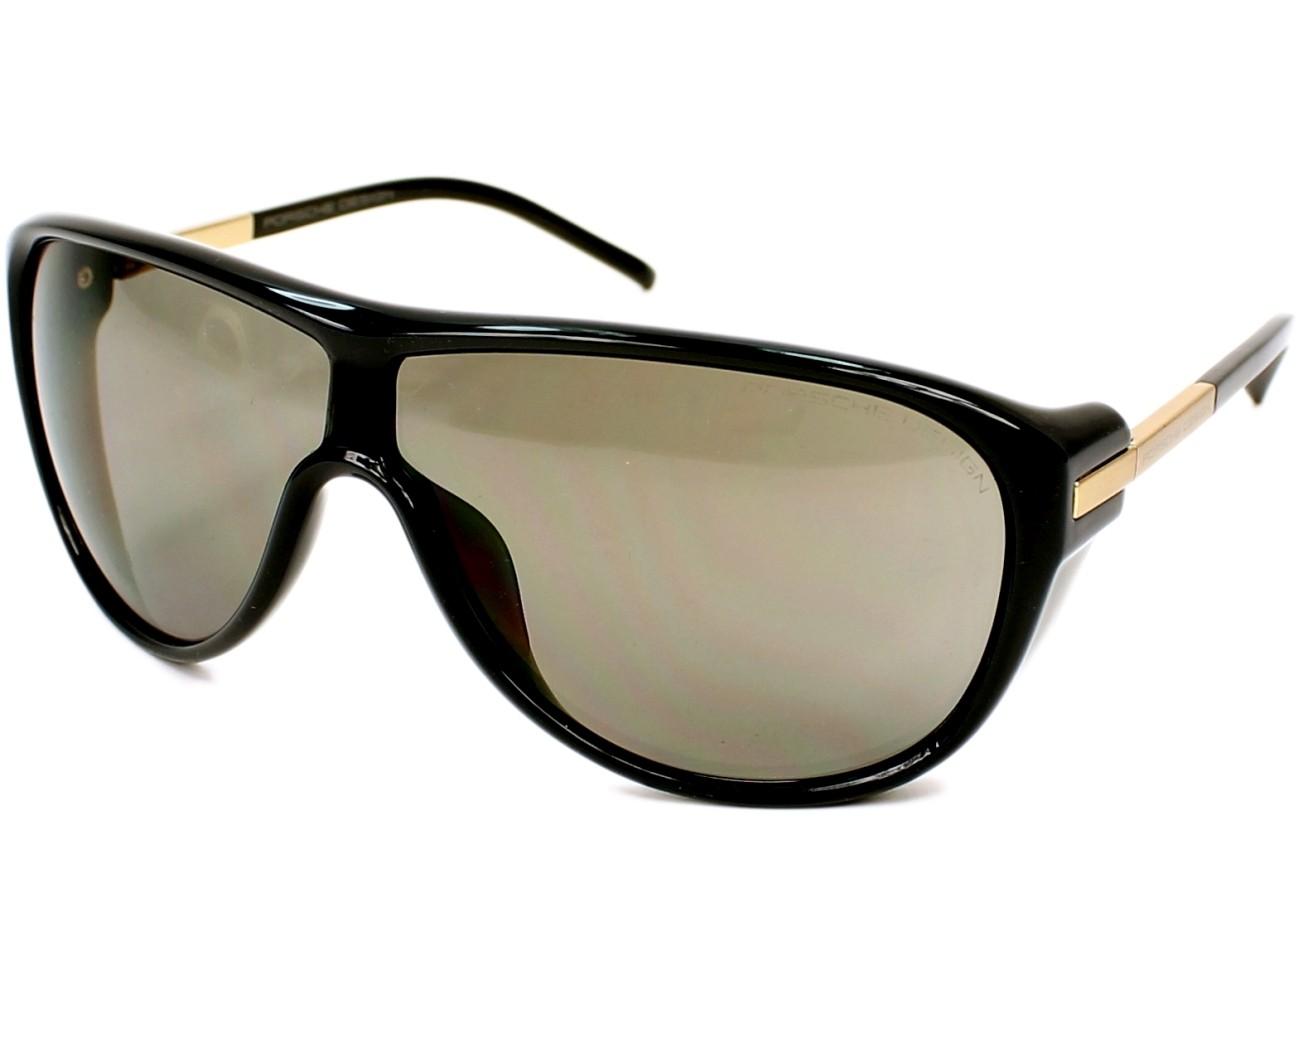 lunettes de soleil porsche design p 8598 c gris avec des verres gris pour hommes. Black Bedroom Furniture Sets. Home Design Ideas